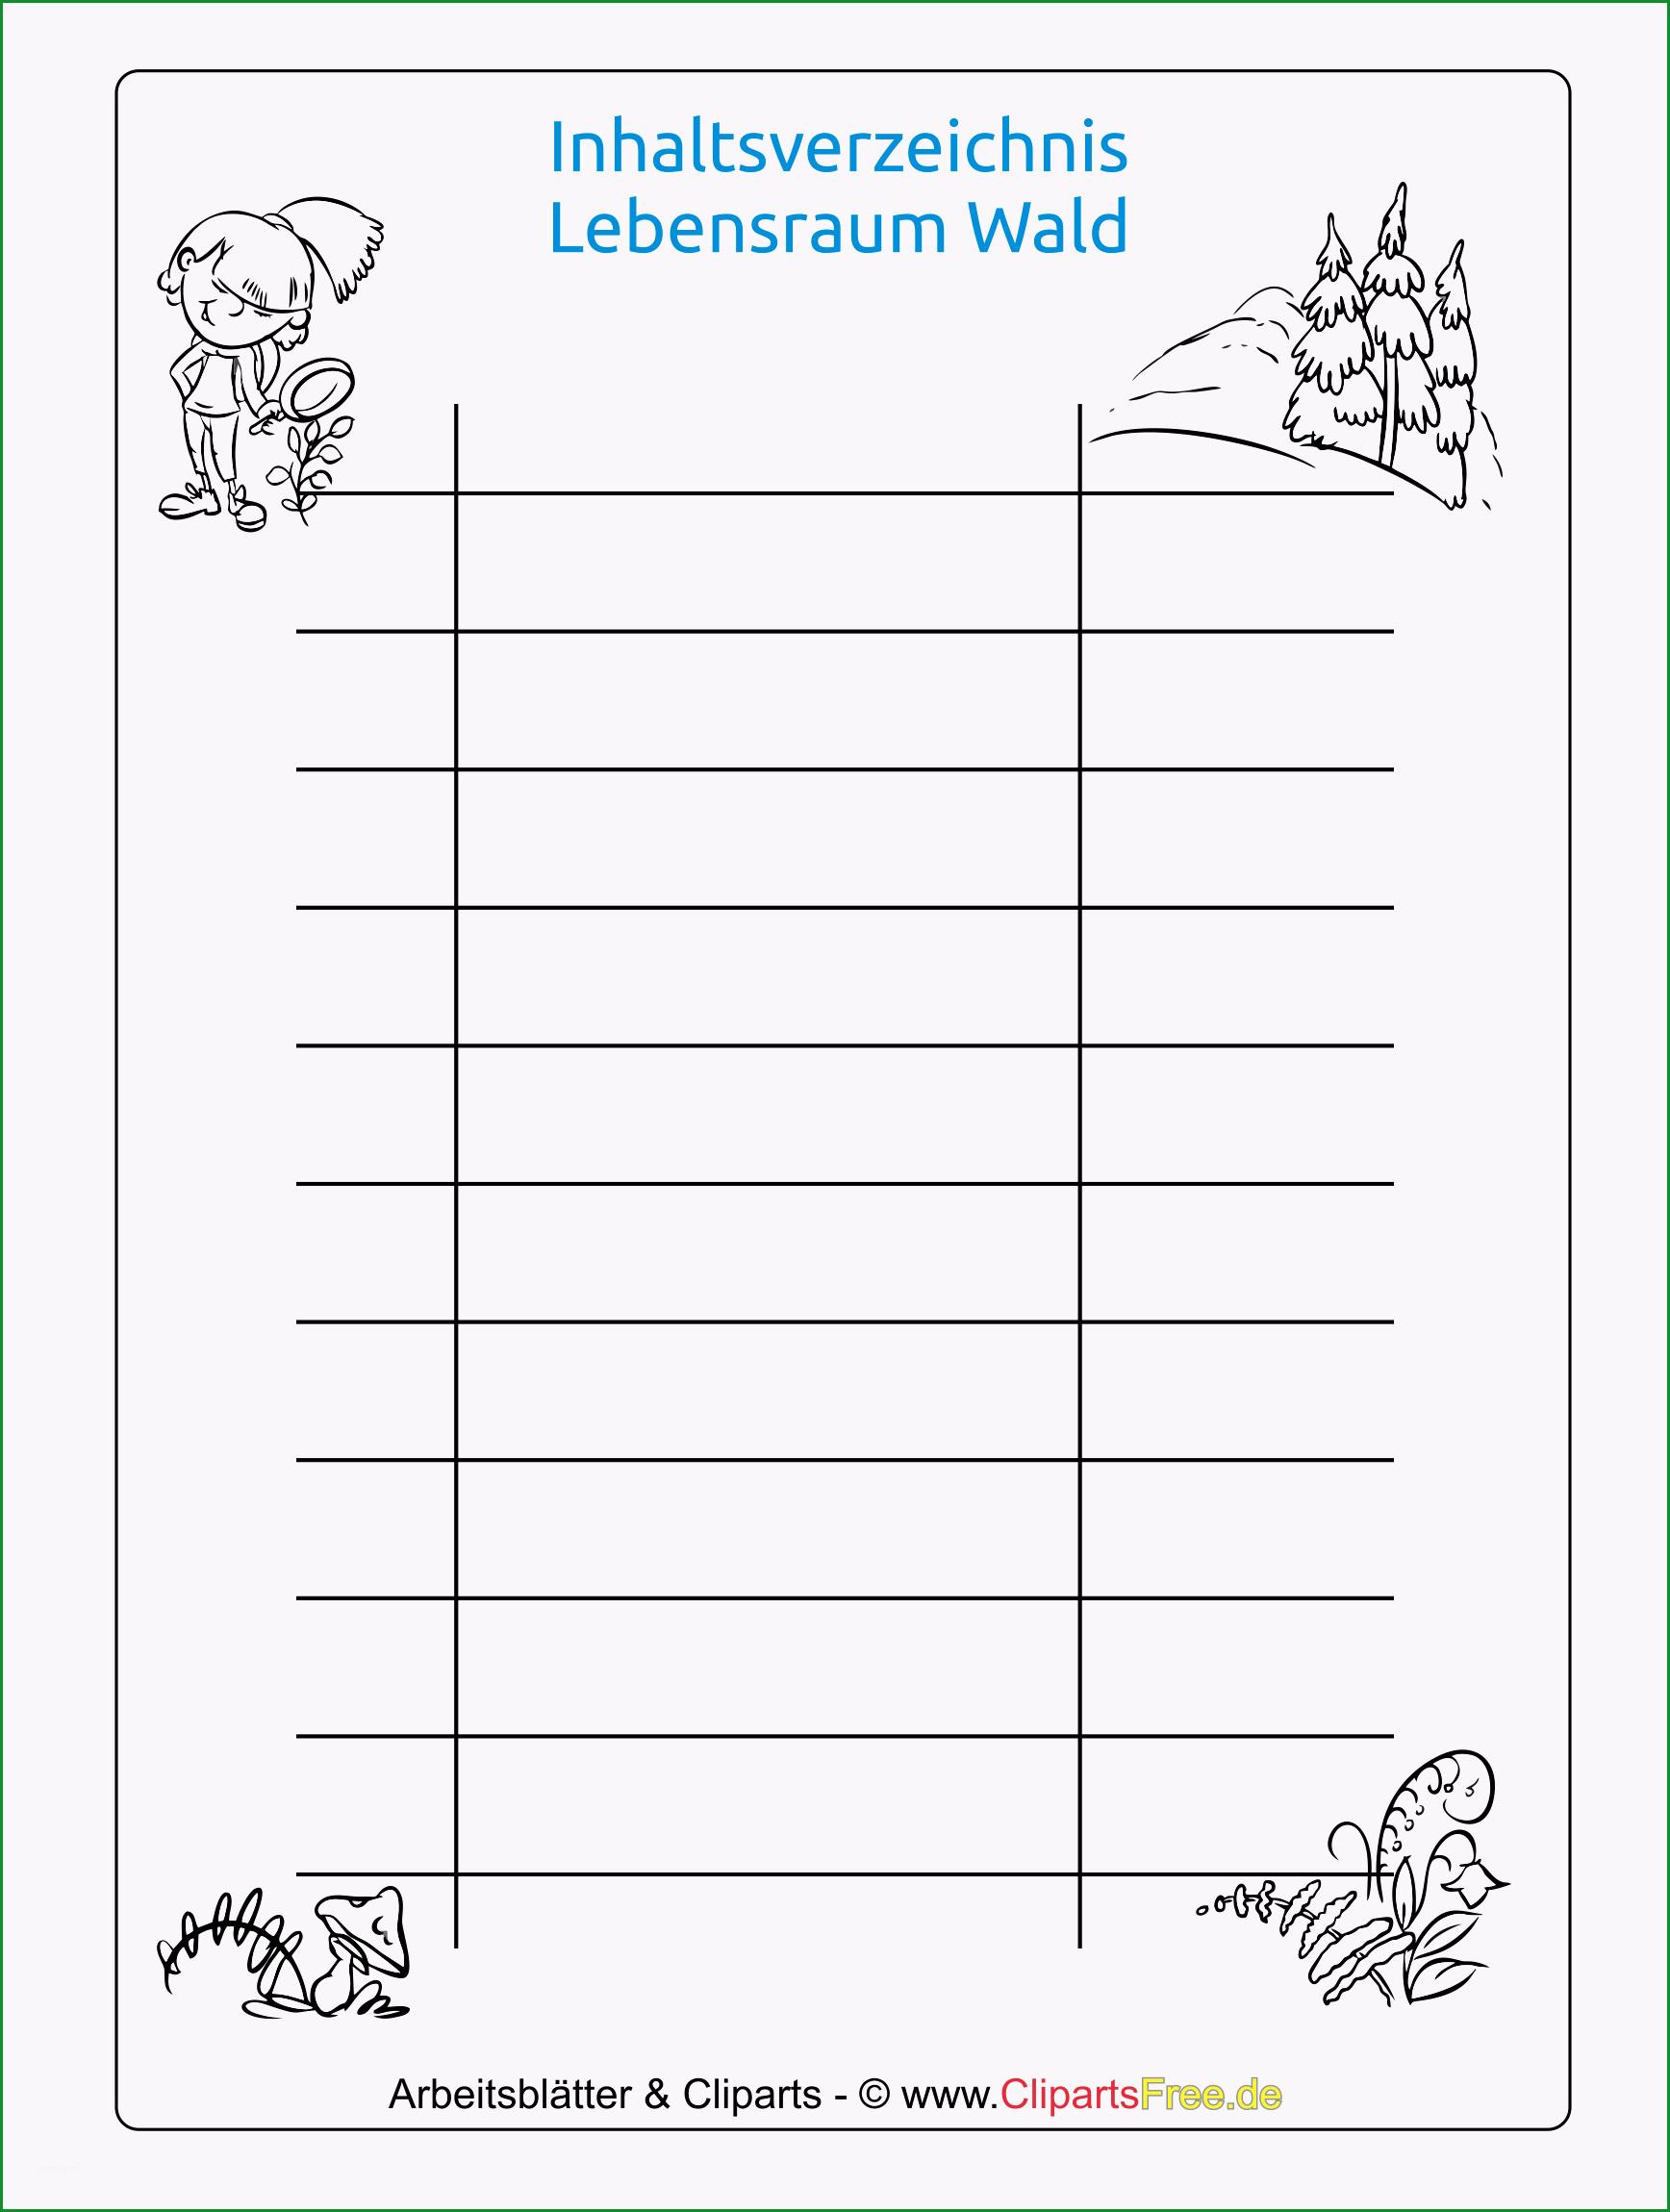 kostenlose inhaltsverzeichnis vorlage für schule